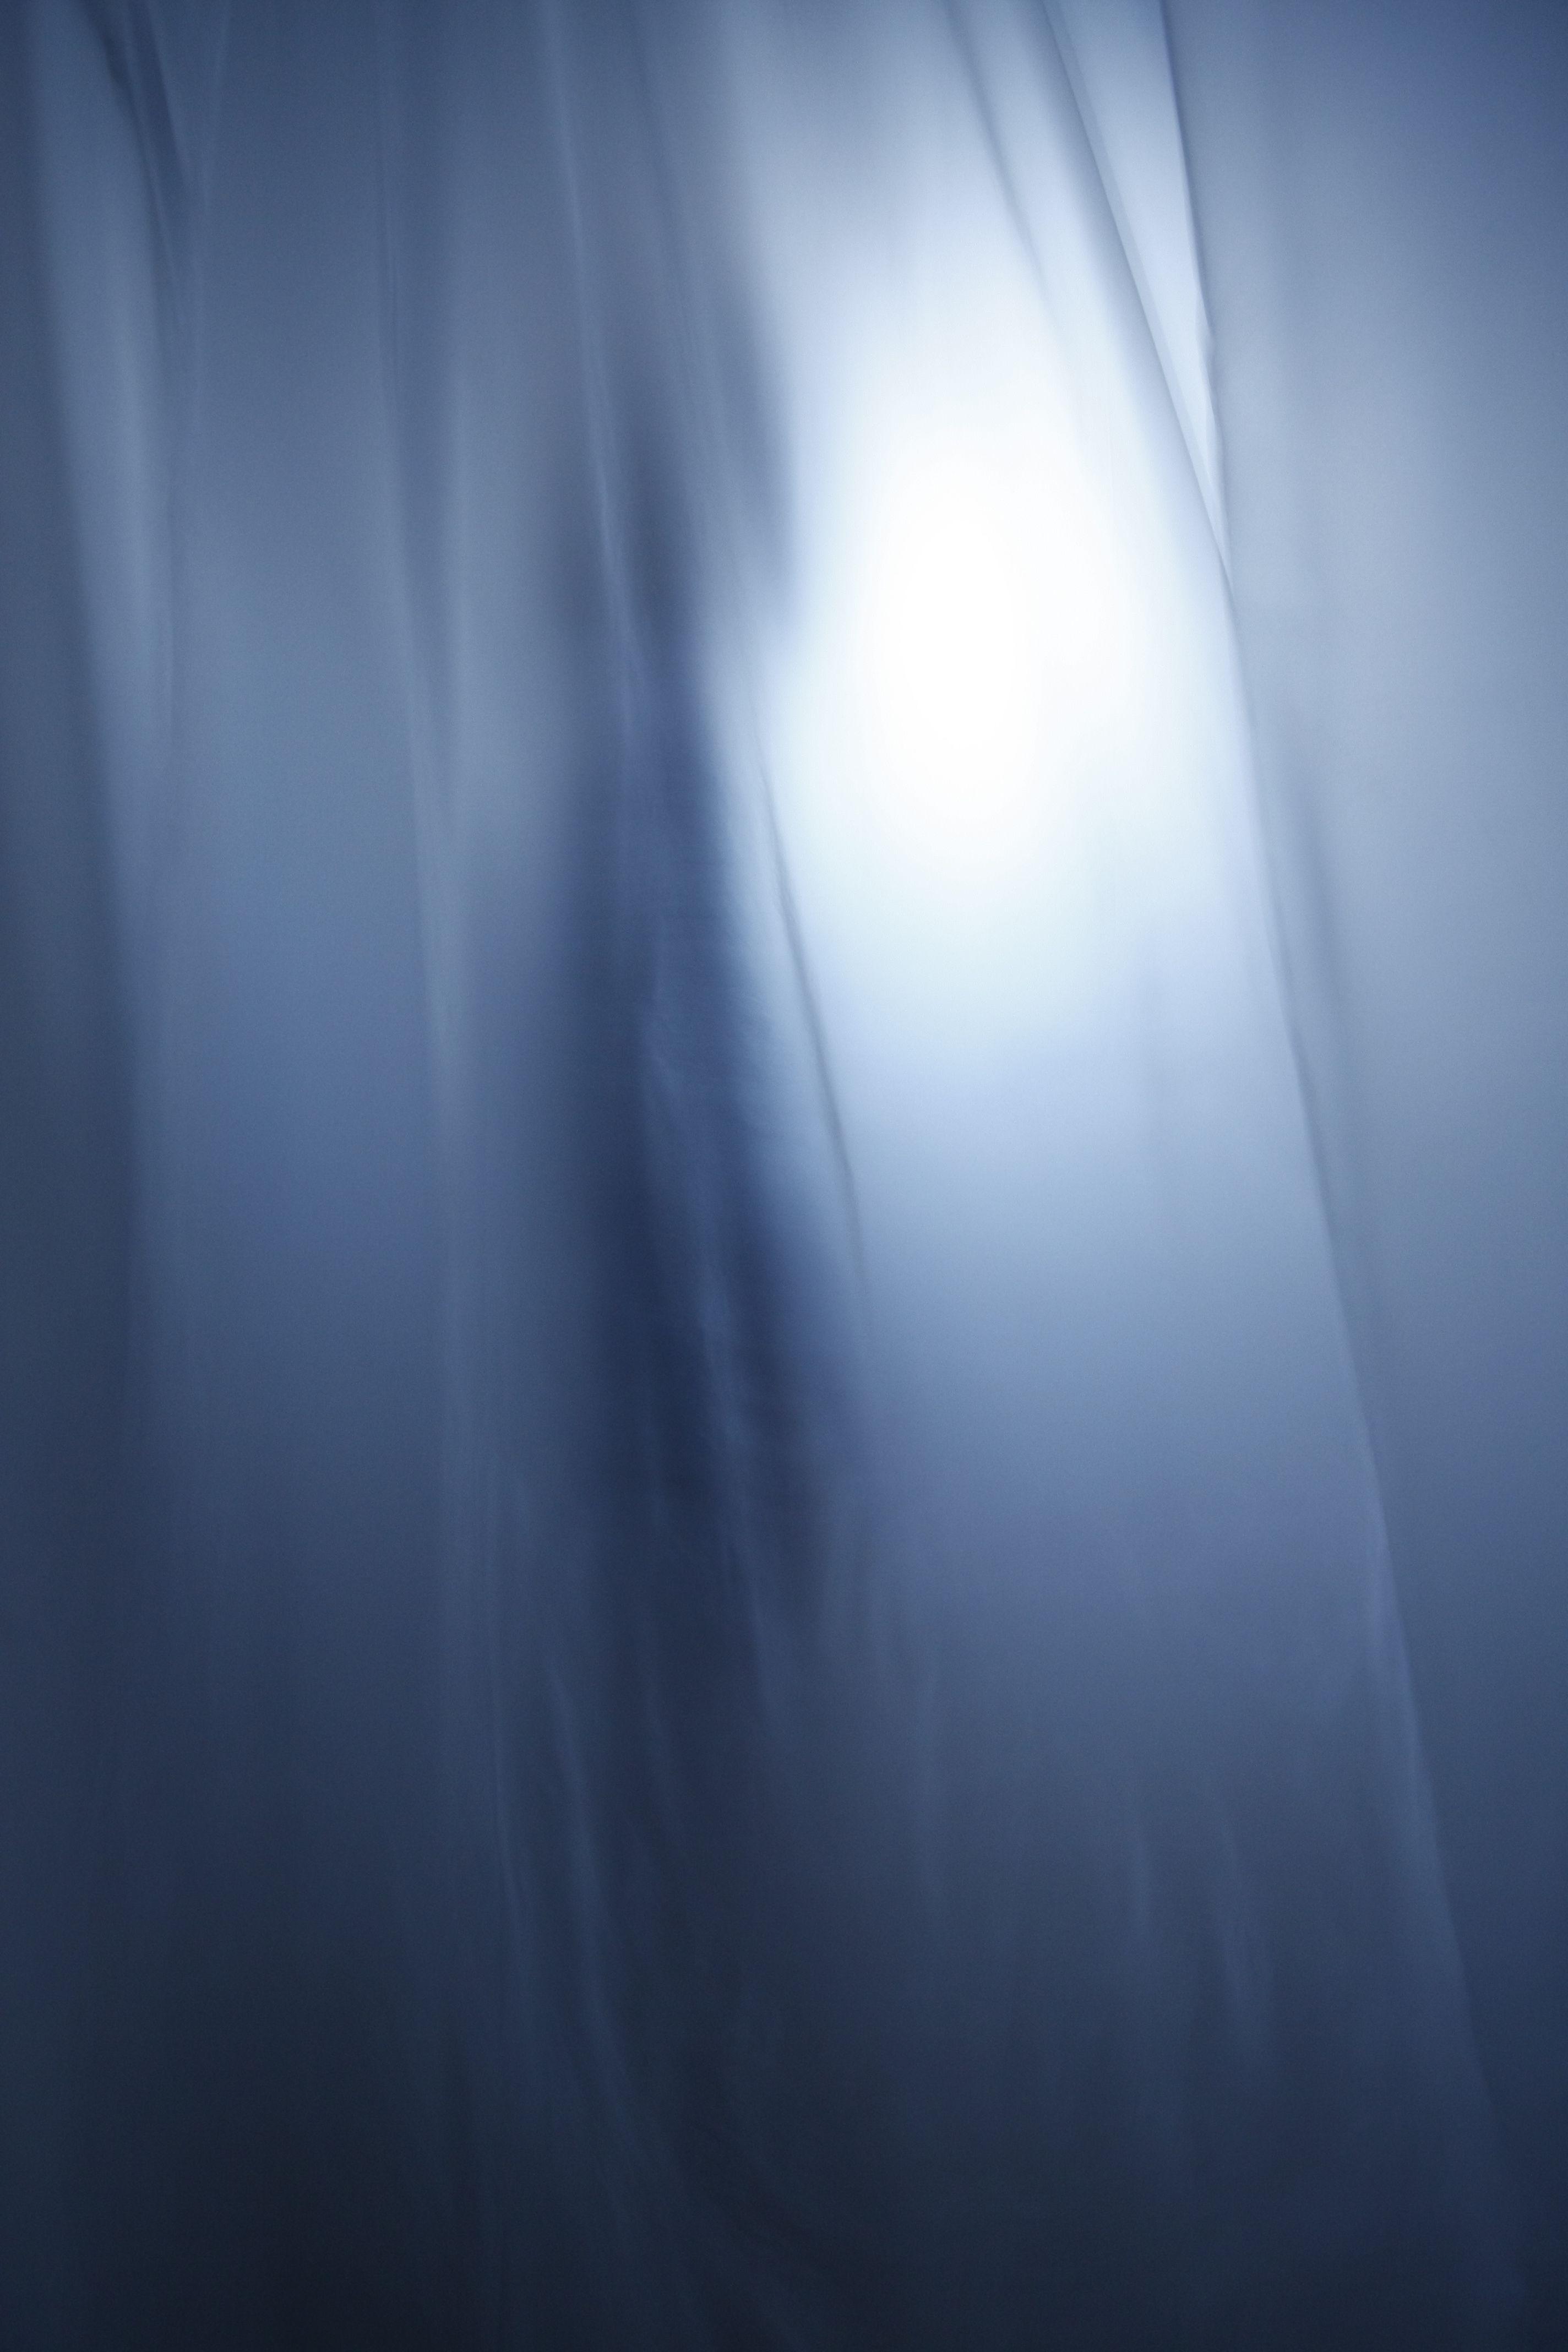 1ª propuesta de Instalación_Tema : Des-Placer MÉTODO DE CREACION: Conceptualización y variación. A partir de la sensación, del agobio producido por la asfixia en un espacio condensado o sin aire. En una materia densa como puede ser la espuma que prod-uce placer al tacto y a su vez sensación de opresión por su envoltura. #angustia #espacio #sensación #placer